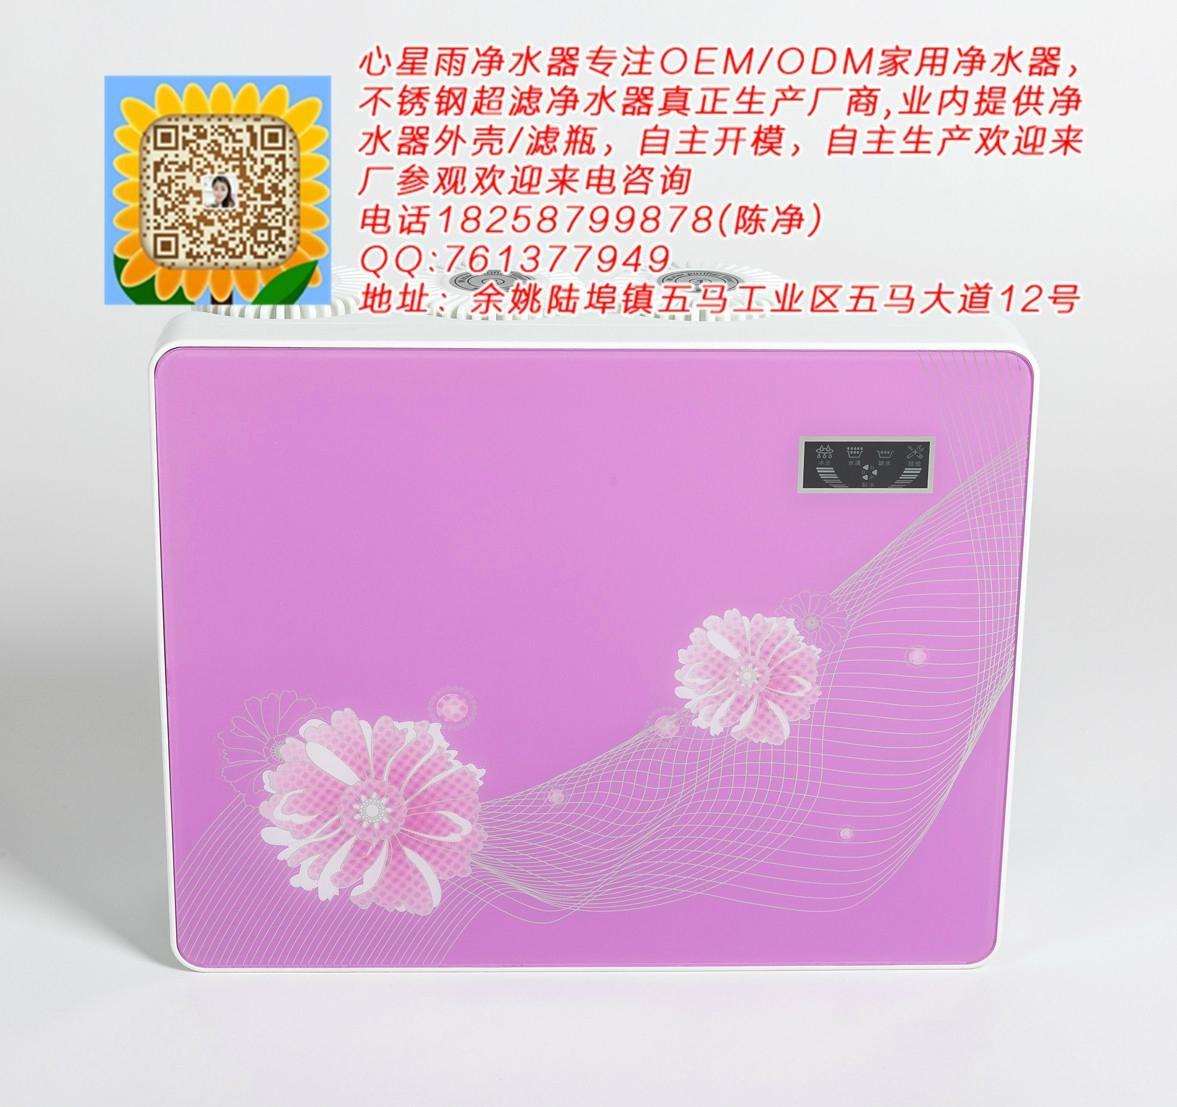 反滲透淨水器 3